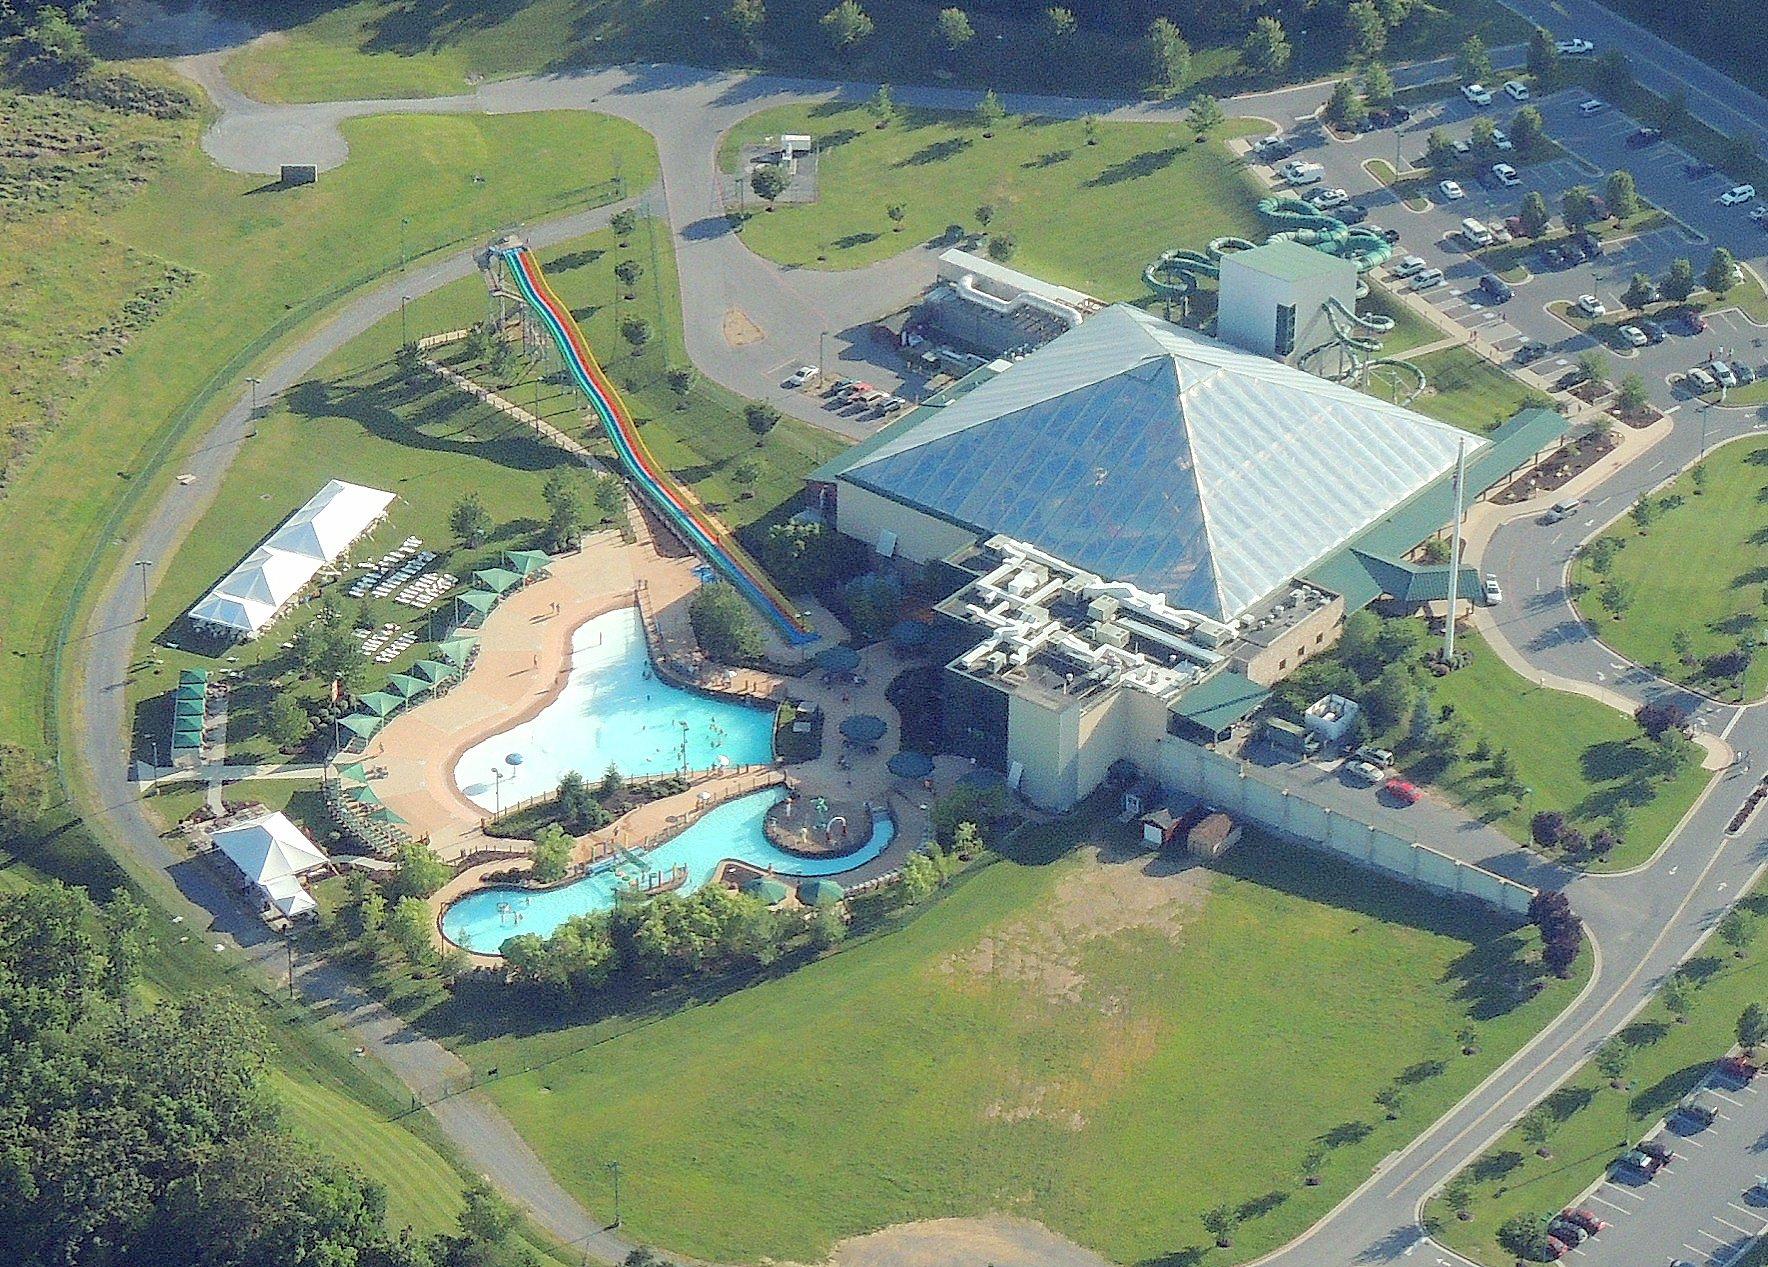 Massanuttan Resort Indoor/Outdoor Water Park